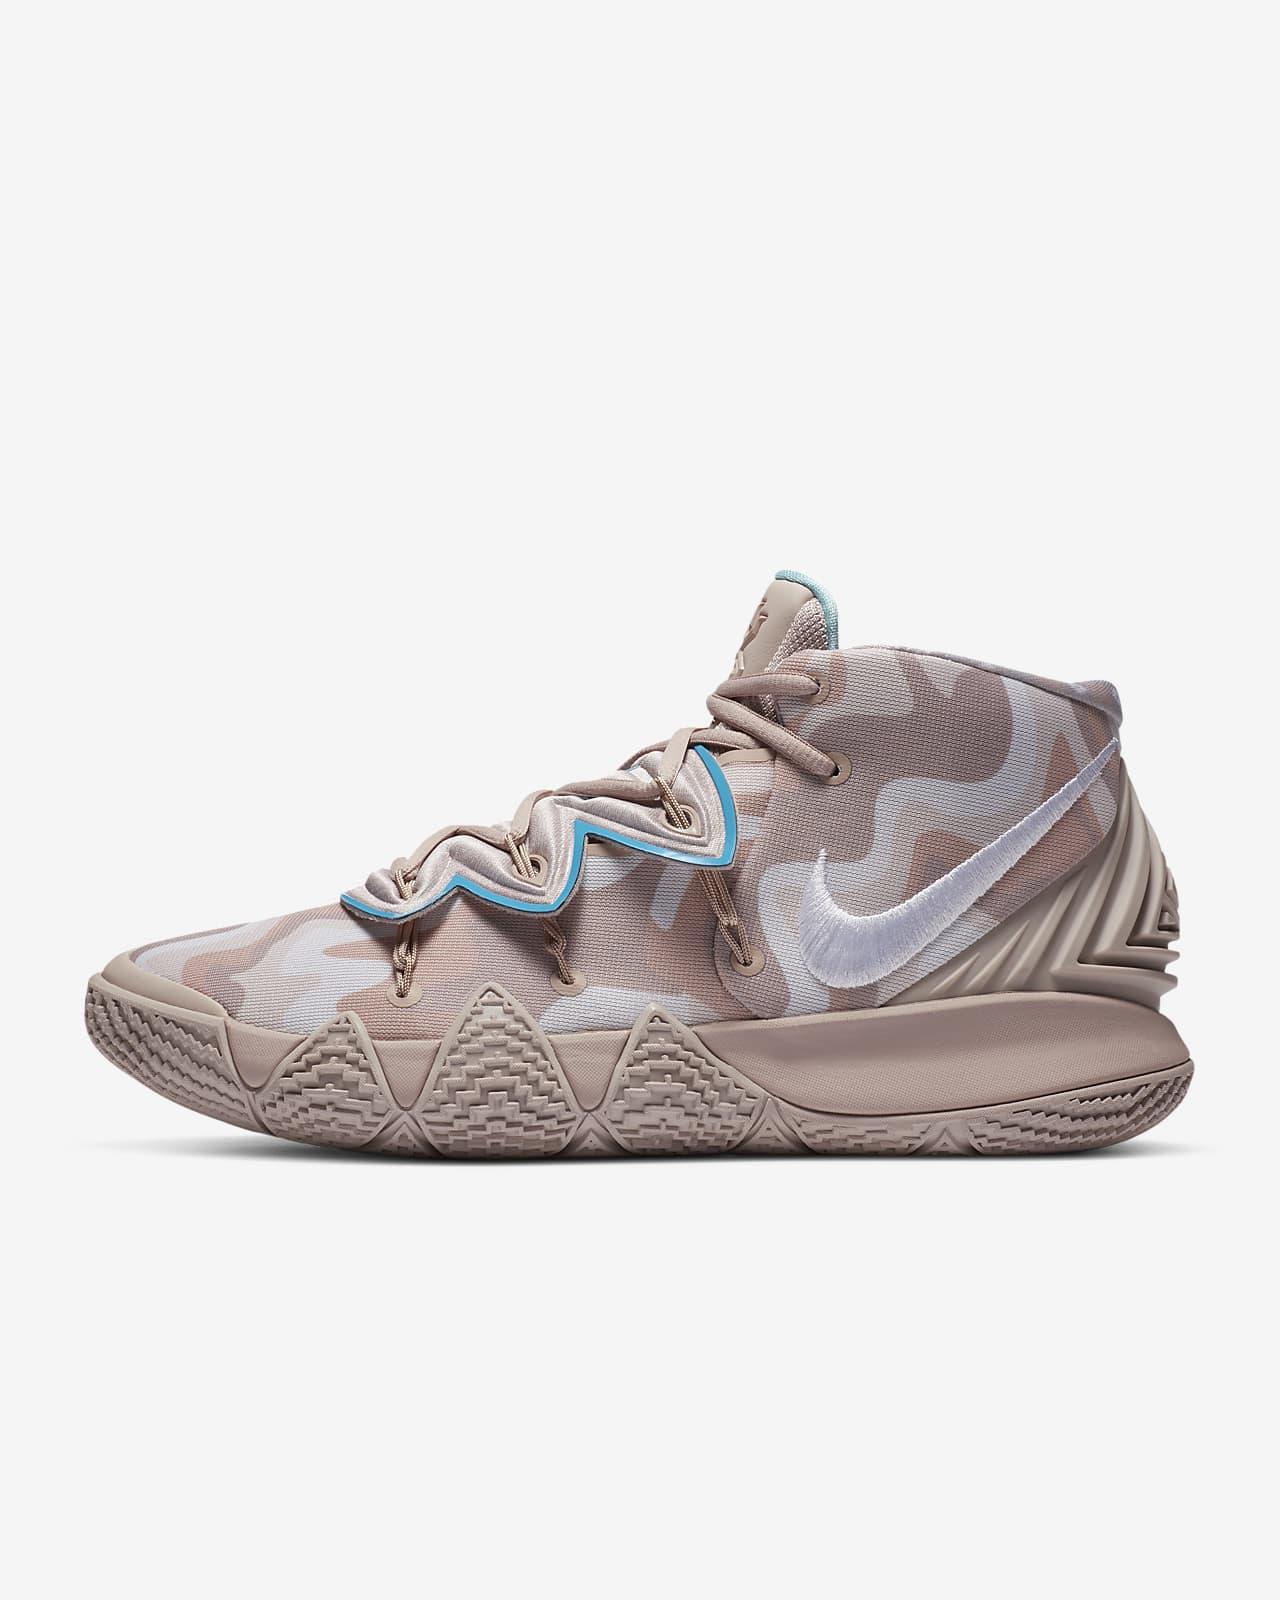 Kybrid S2 Basketball Shoe